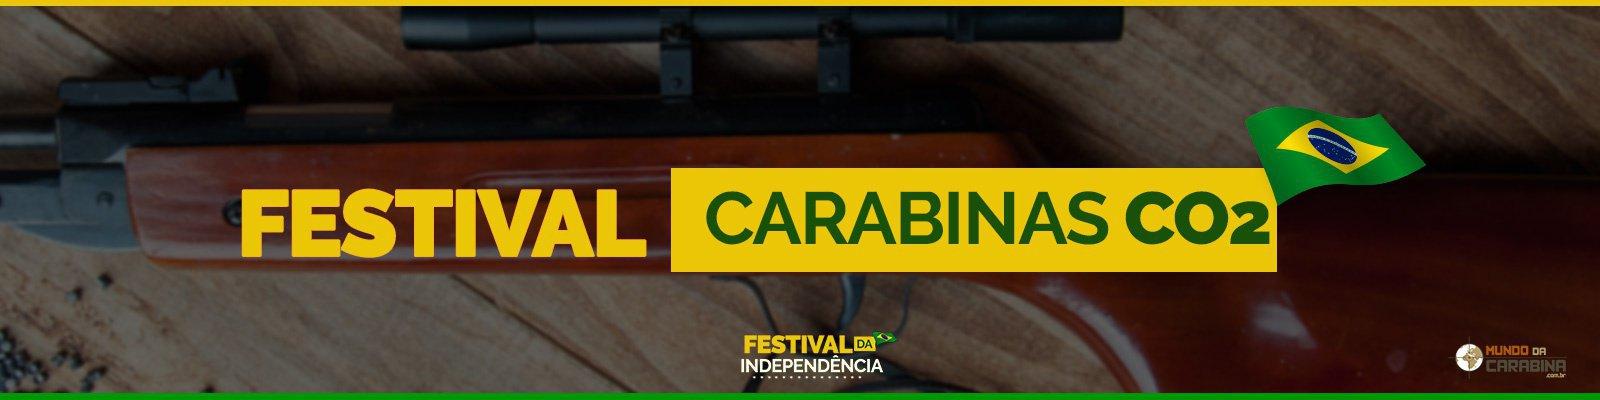 FESTIVAL CARABINAS CO2